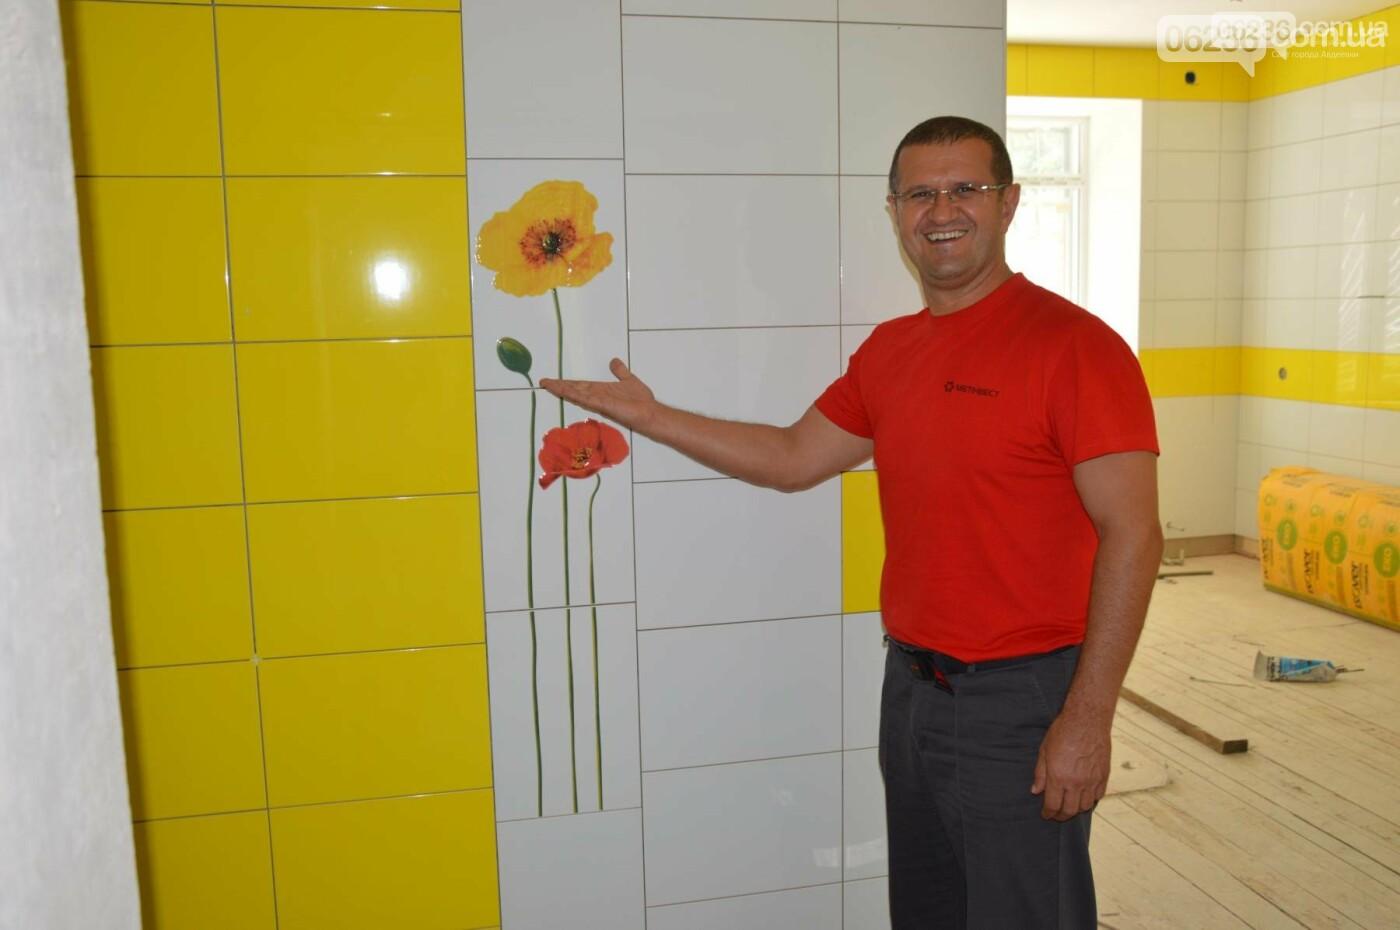 АКХЗ реализует масштабный и важный проект по здравоохранению для жителей Авдеевки , фото-3